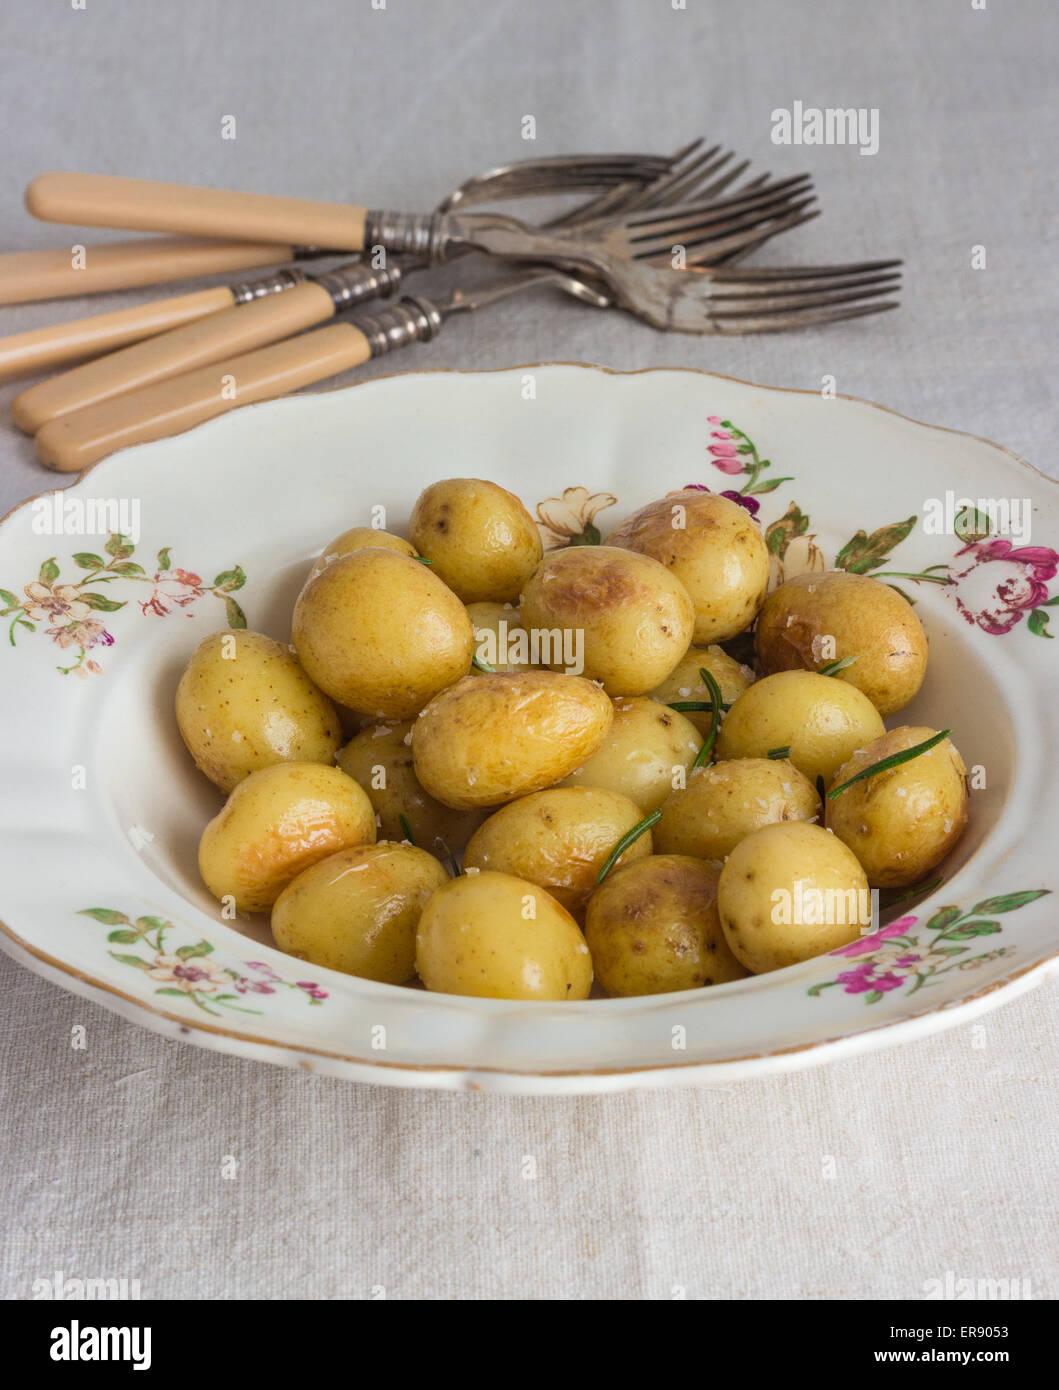 Baby Potatoes - Stock Image